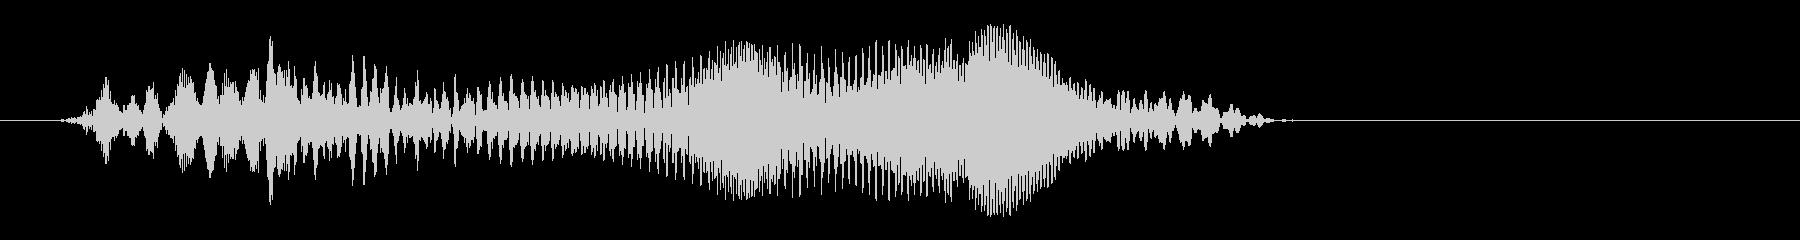 あうっっ(小動物の悲鳴のような効果音)の未再生の波形